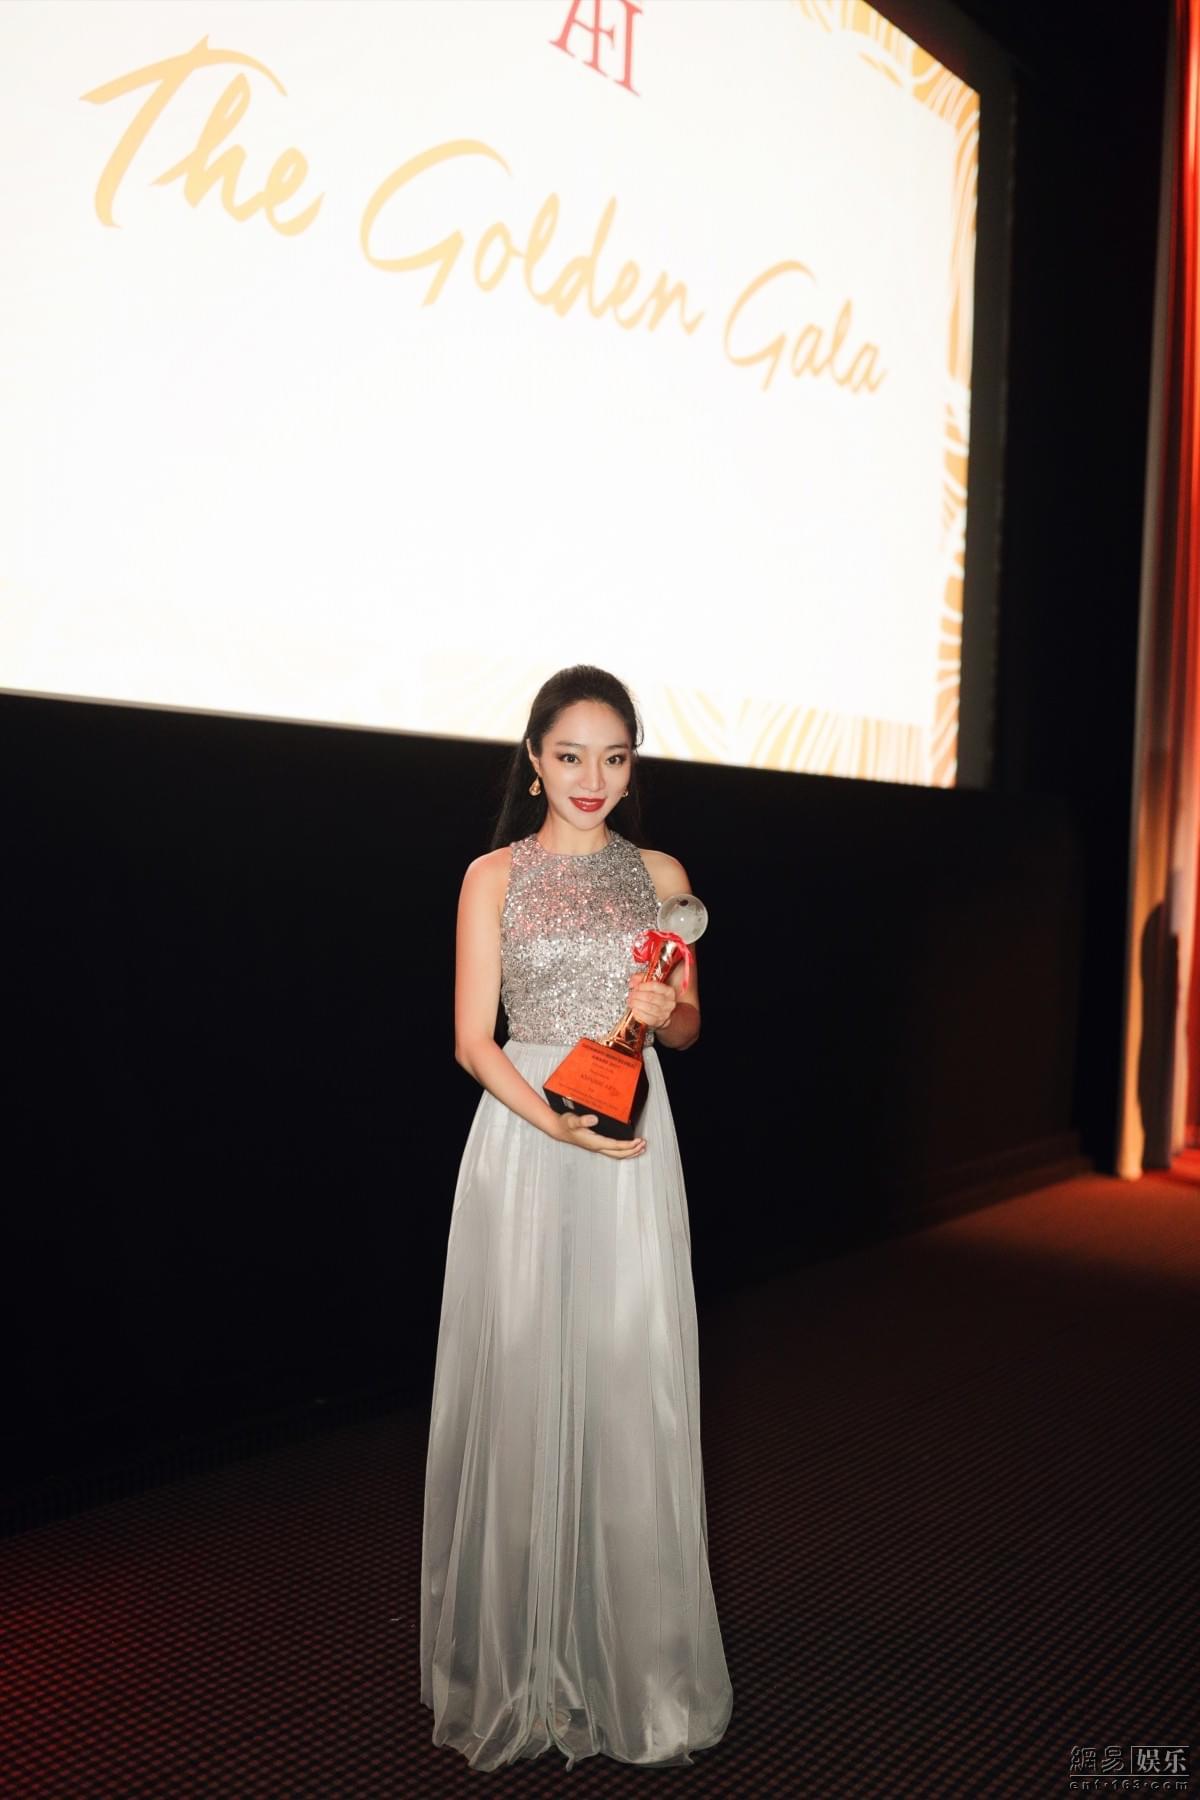 李坤珏受邀英国金色舞会 获杰出青年演员荣誉